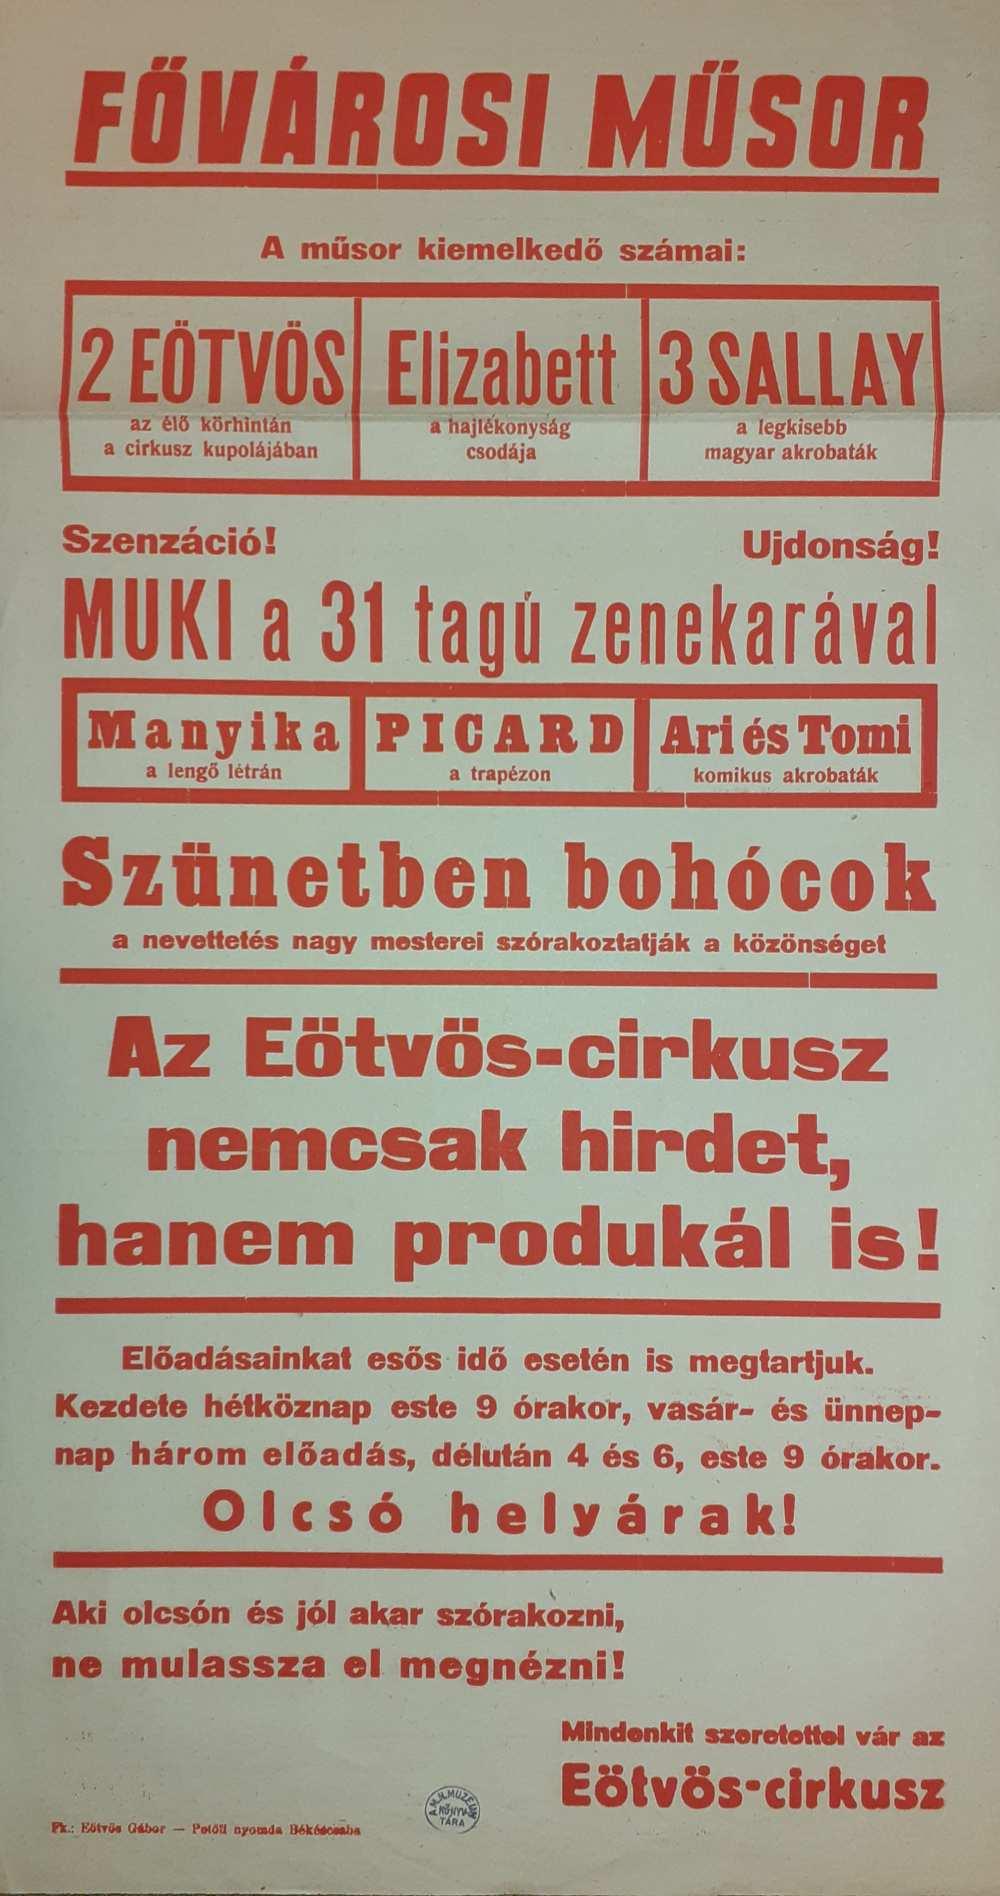 Az Eötvös Cirkusz színlapja. Békéscsaba, 1949. – Színháztörténeti és Zeneműtár